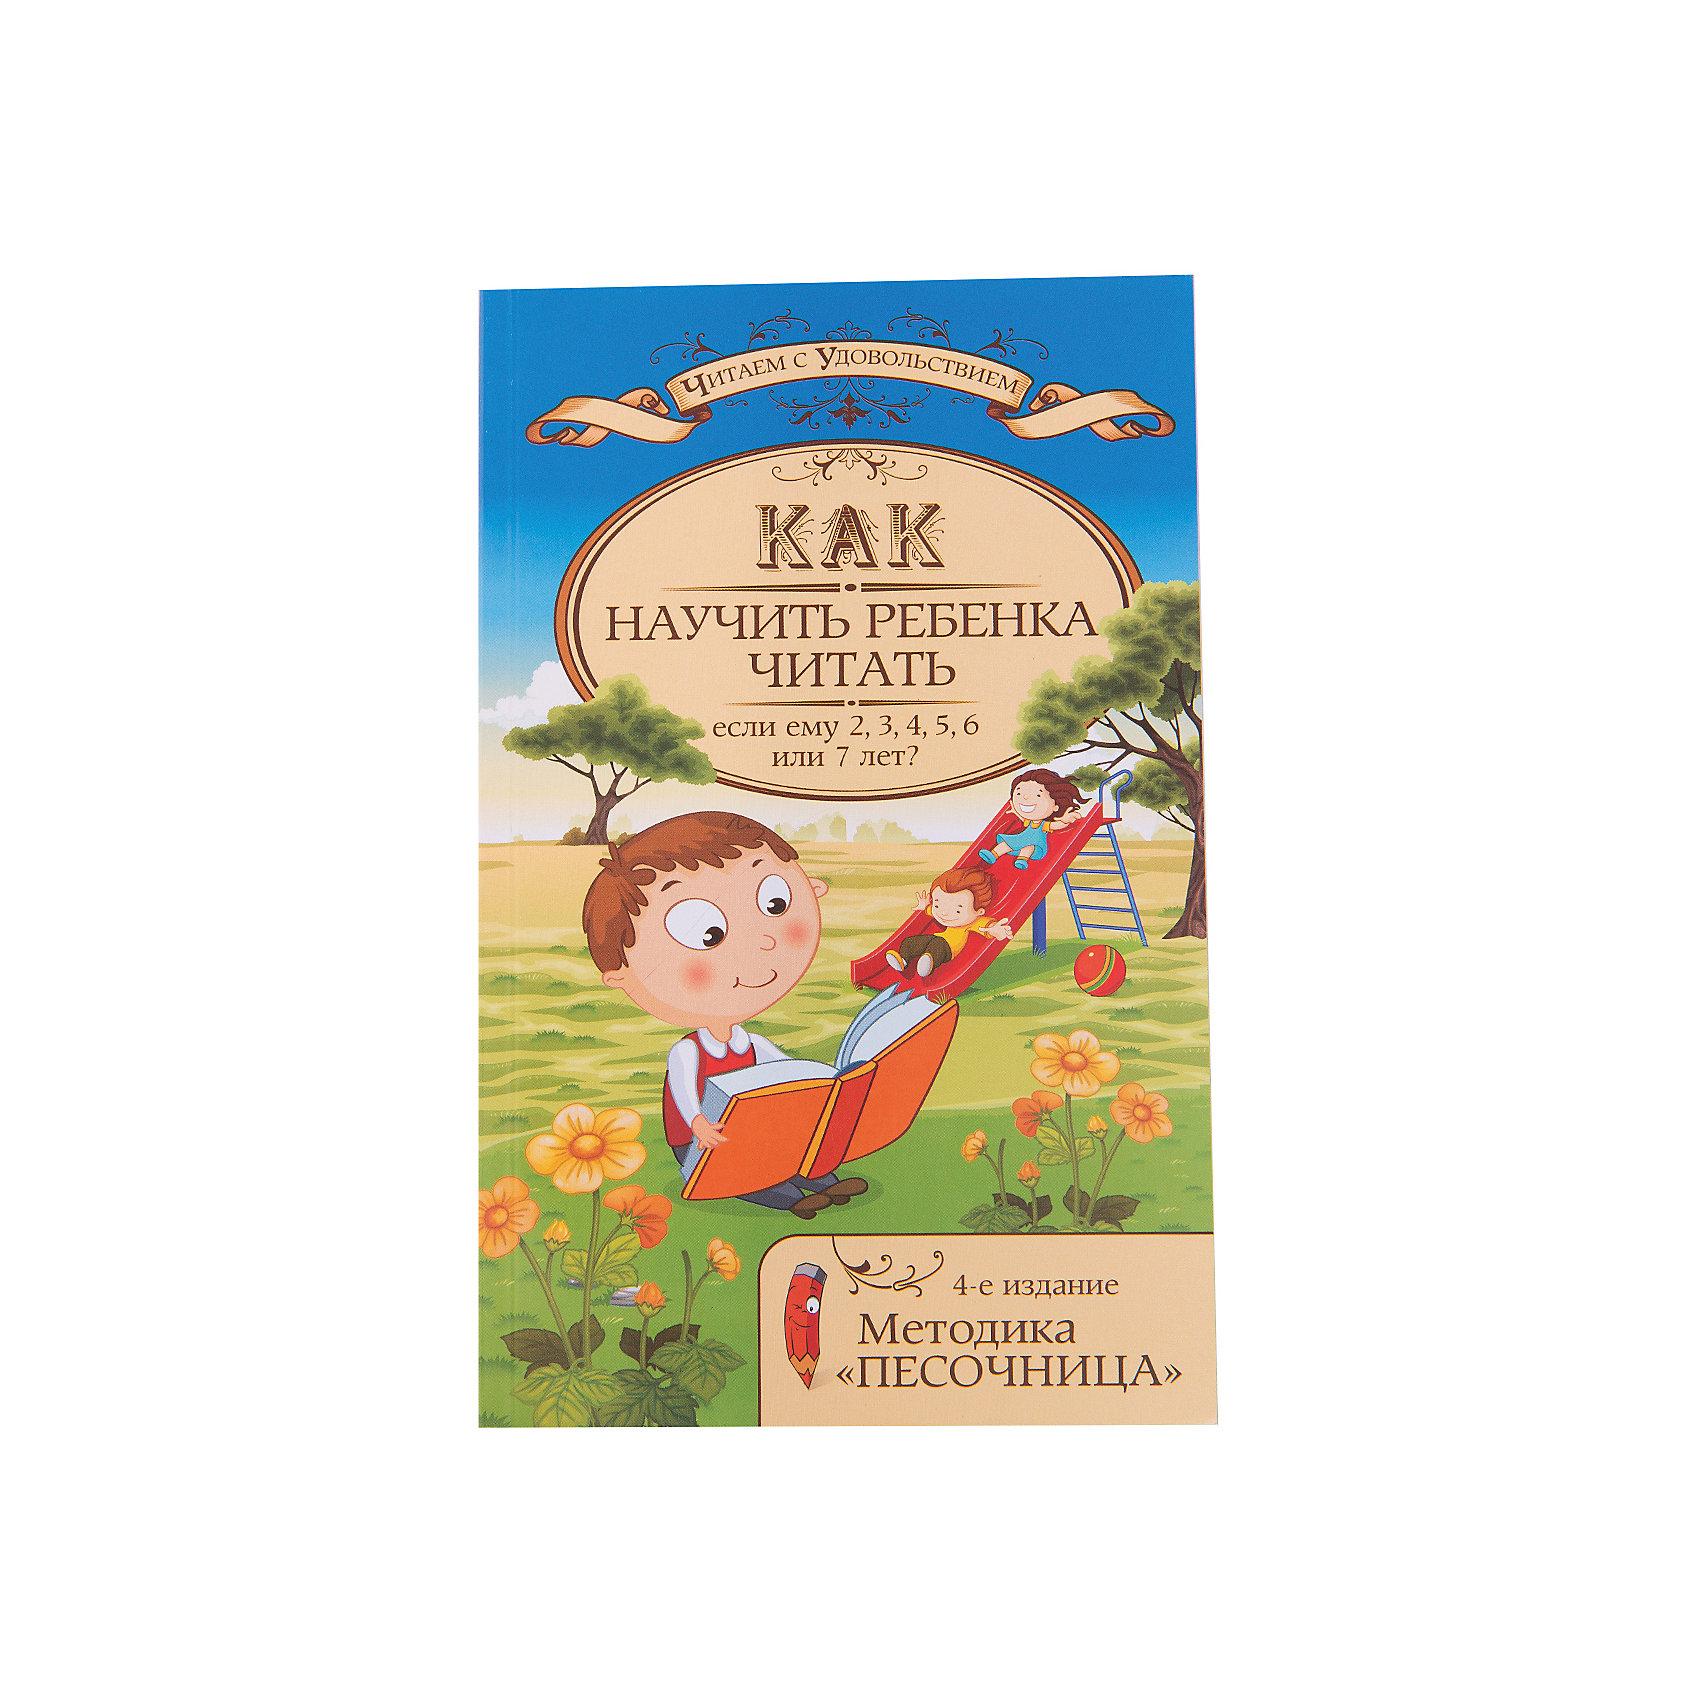 Пособие Как научить ребенка читать, если ему 2, 3, 4, 5, 6 или 7 лет?Книги по педагогике<br>Характеристики товара:<br><br>• ISBN 9785222287637<br>• возраст от 2 до 7 лет<br>• формат 200х127 мм<br>• серия «Читаем с удовольствием»<br>• издательство Феникс<br>• автор Знатнова Ирина<br>• переплет: мягкий<br>• количество страниц 155<br>• год выпуска 2017<br>• размер 20х12,7х0,8 см<br><br>Пособие «Как научить ребенка читать, если ему 2, 3, 4, 5, 6 или 7 лет?» поможет родителям научить ребенка читать самостоятельно. Оно описывает методику «Песочница» для обучения детей чтению, содержит игры, задания на чтение, сказки.<br><br>Пособие «Как научить ребенка читать, если ему 2, 3, 4, 5, 6 или 7 лет?» издание 4-е можно приобрести в нашем интернет-магазине.<br><br>Ширина мм: 80<br>Глубина мм: 127<br>Высота мм: 200<br>Вес г: 135<br>Возраст от месяцев: -2147483648<br>Возраст до месяцев: 2147483647<br>Пол: Унисекс<br>Возраст: Детский<br>SKU: 5501012